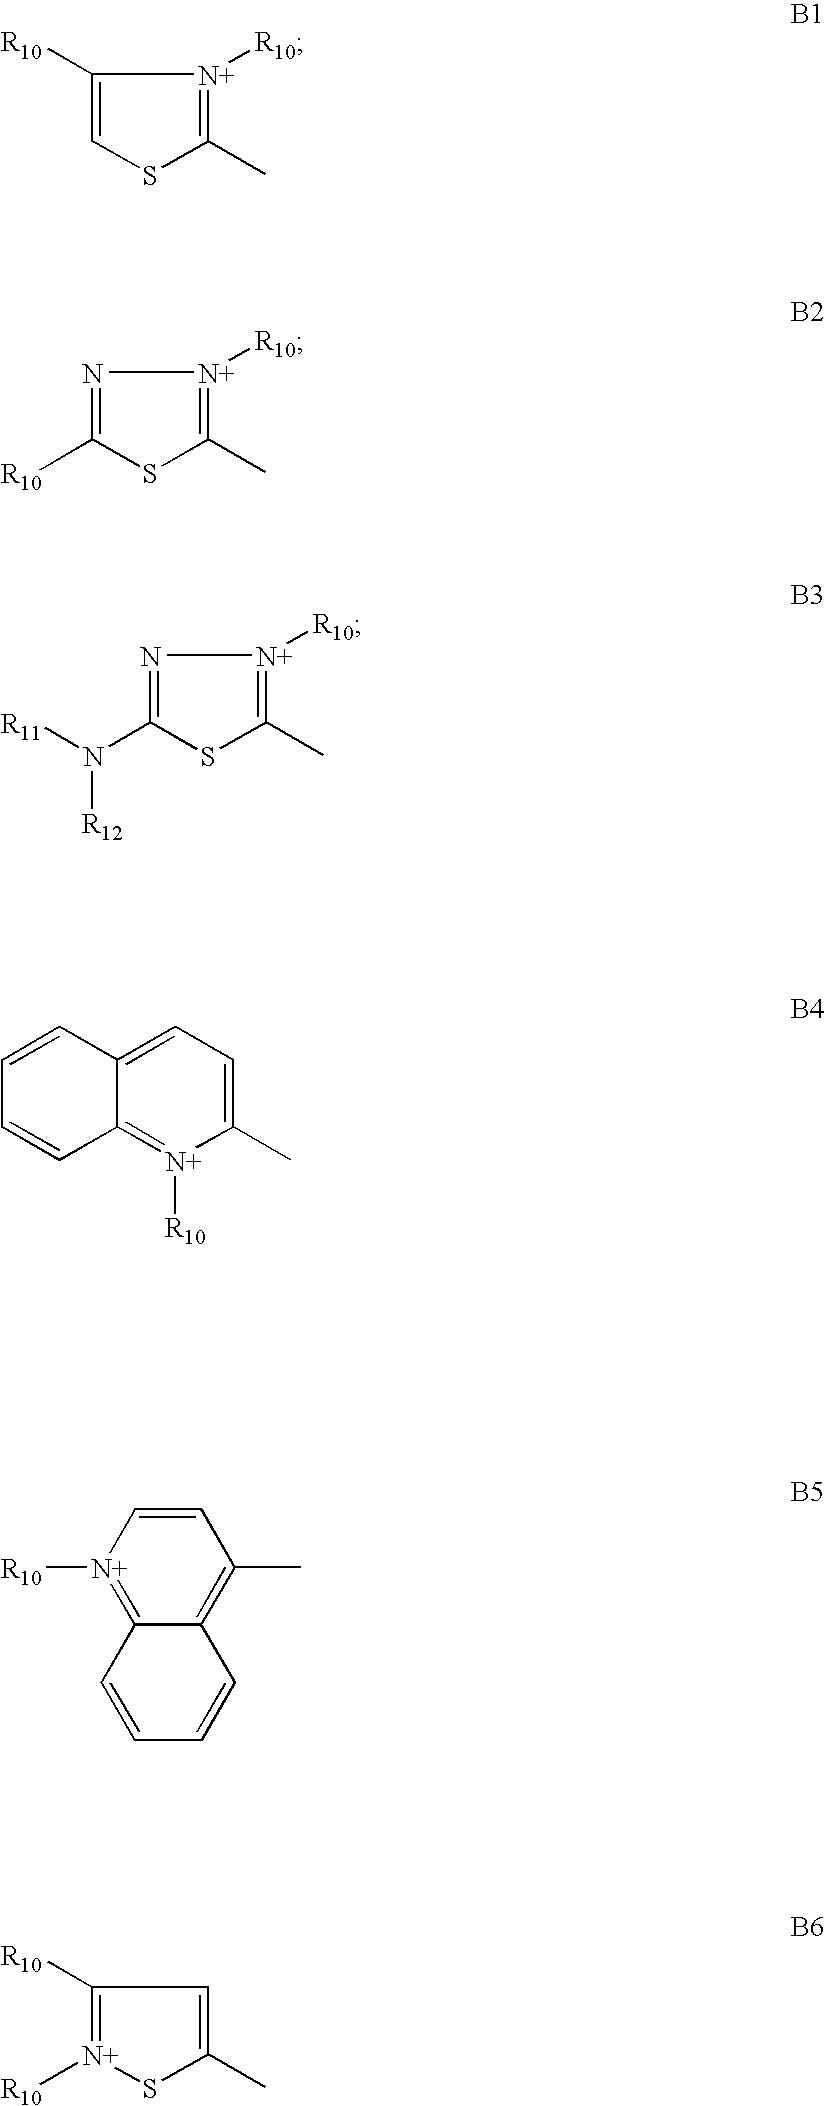 Figure US20100199441A1-20100812-C00010